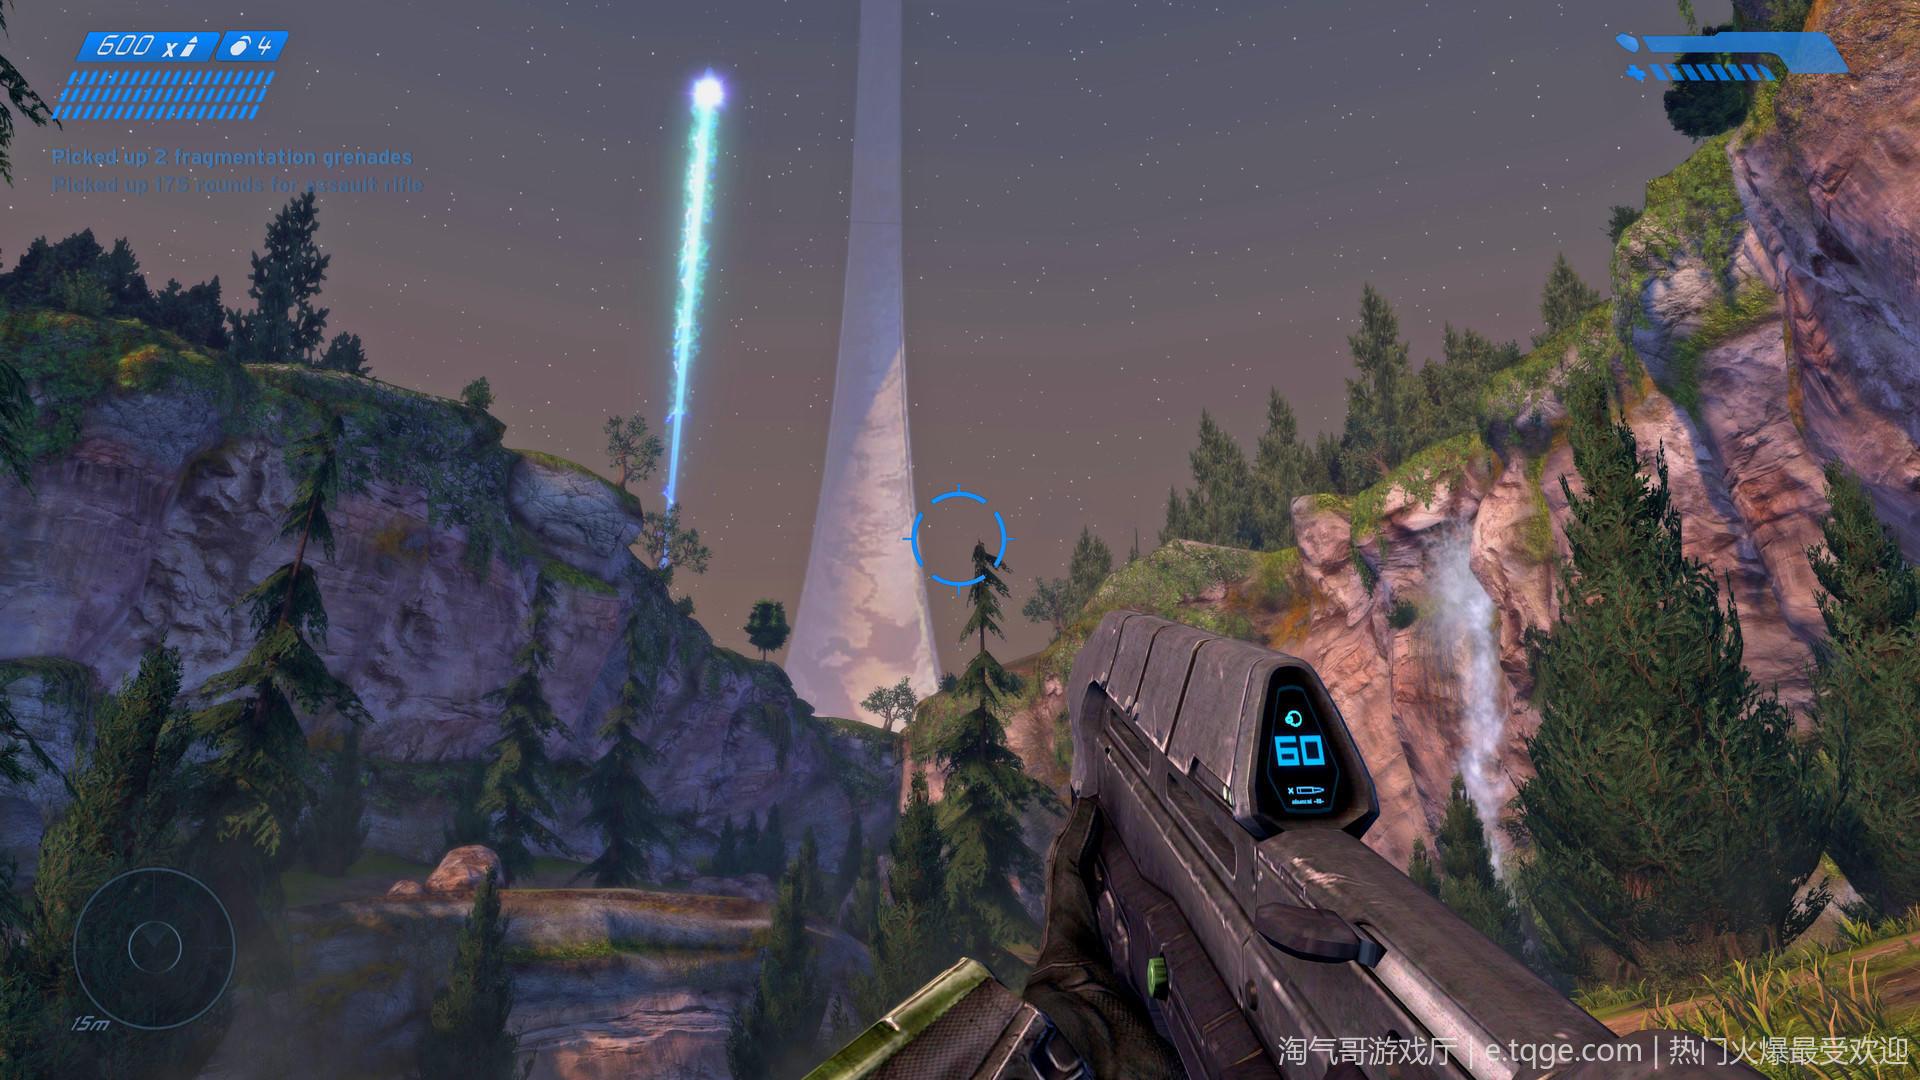 光环:士官长合集/光环致远星 射击游戏 第8张